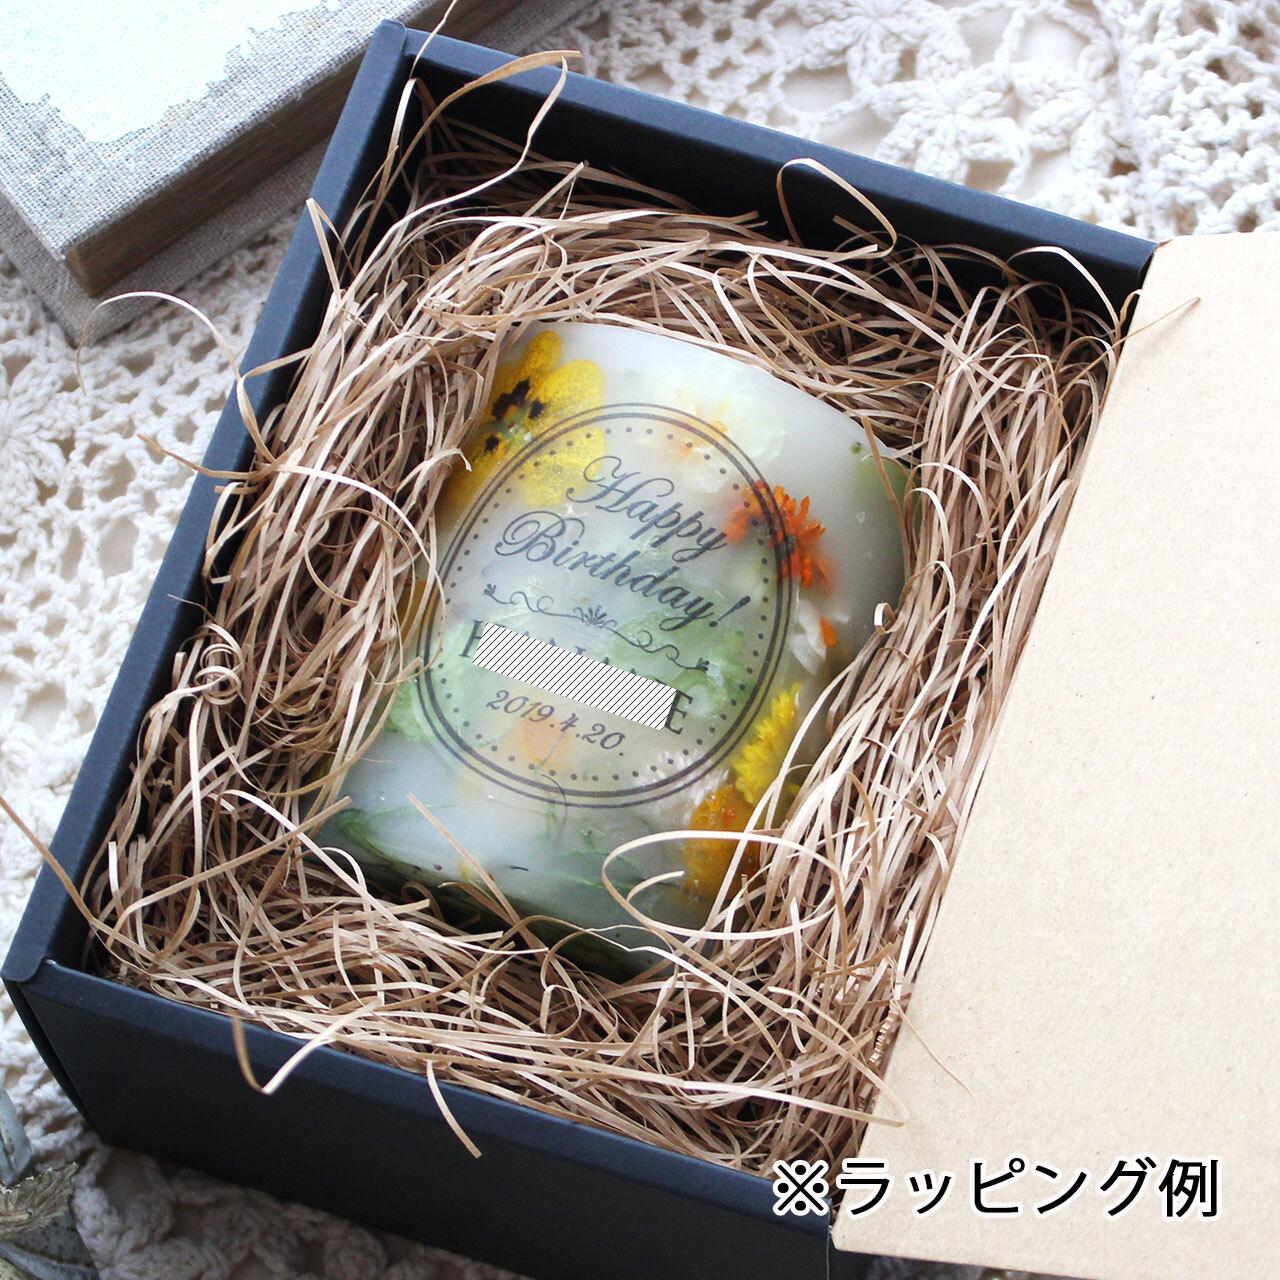 NC282 ギフトラッピング付き☆メッセージ&日付&名入れボタニカルキャンドル ローズ